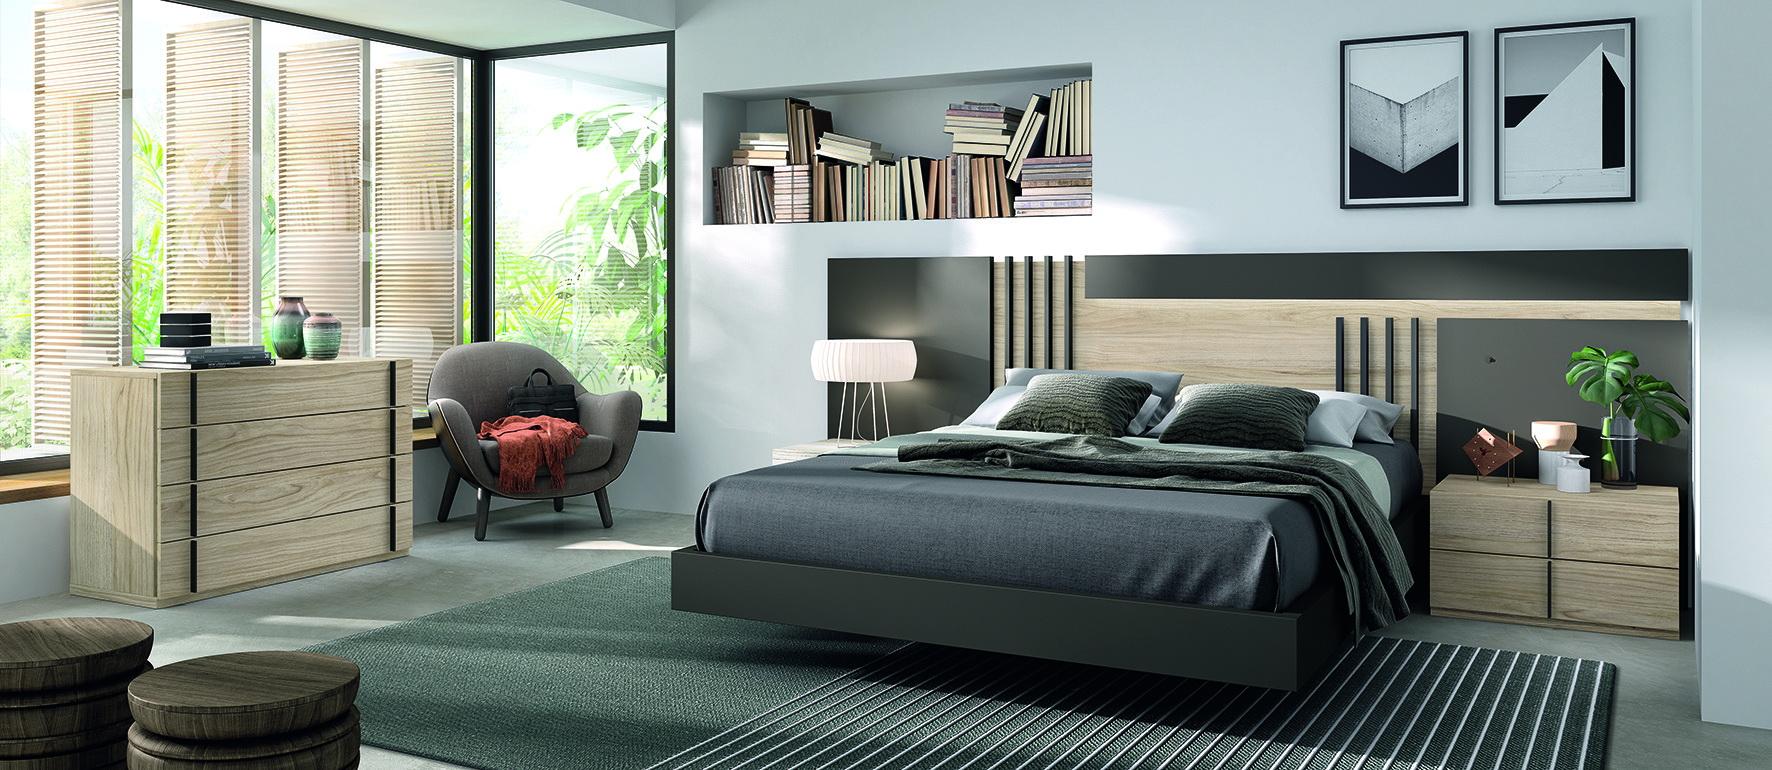 COSMO by Eos dormitorios modernos Glicerio Chaves Hornero COMP-9 de venta en Muebles ANTOÑÁN León